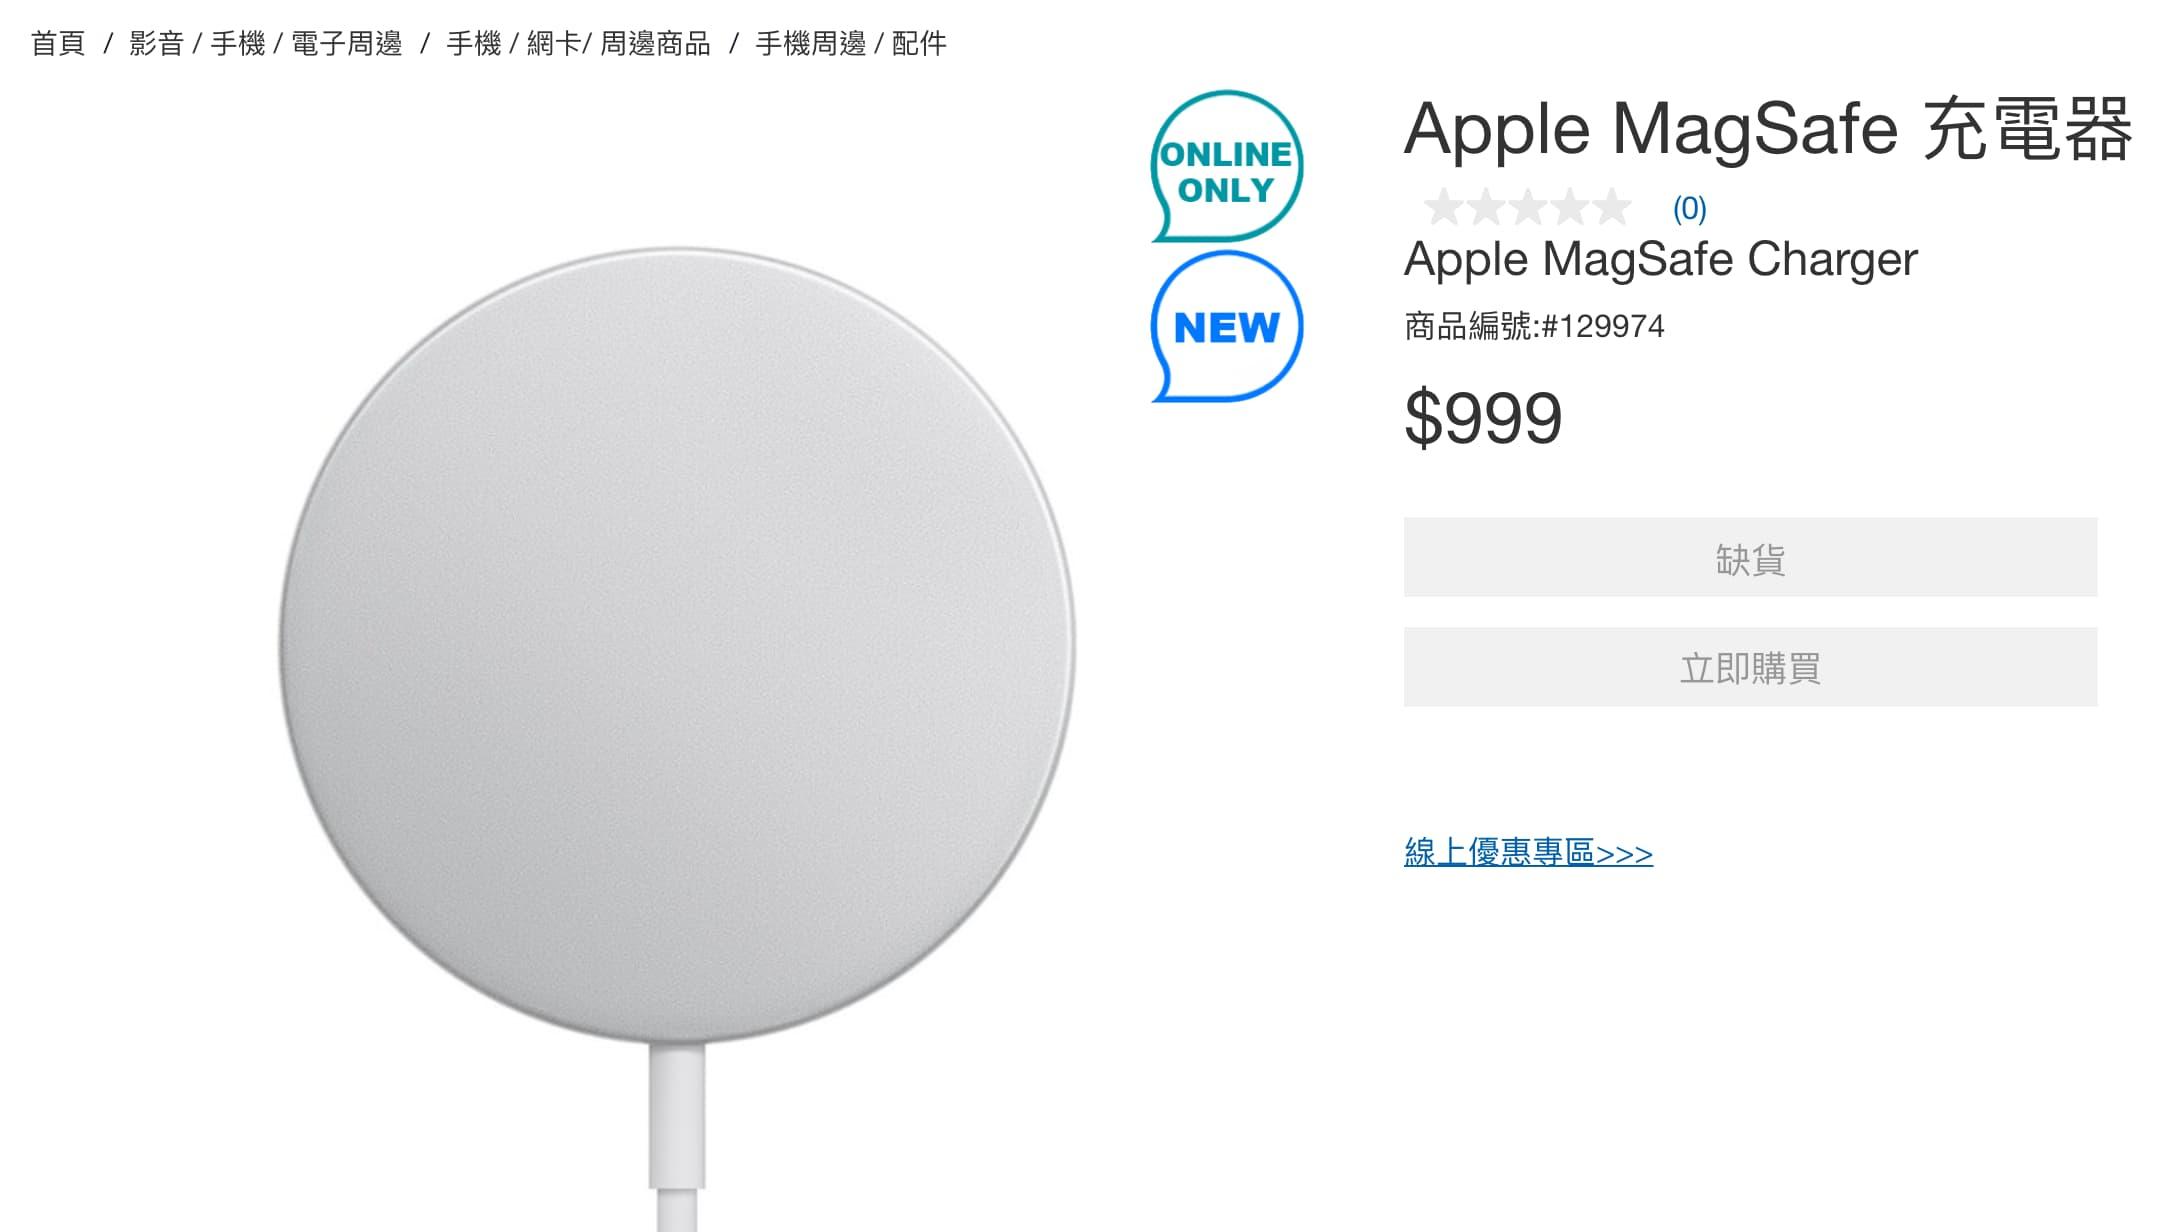 好市多開賣MagSafe 充電器售價999!瞬間被秒殺搶購2